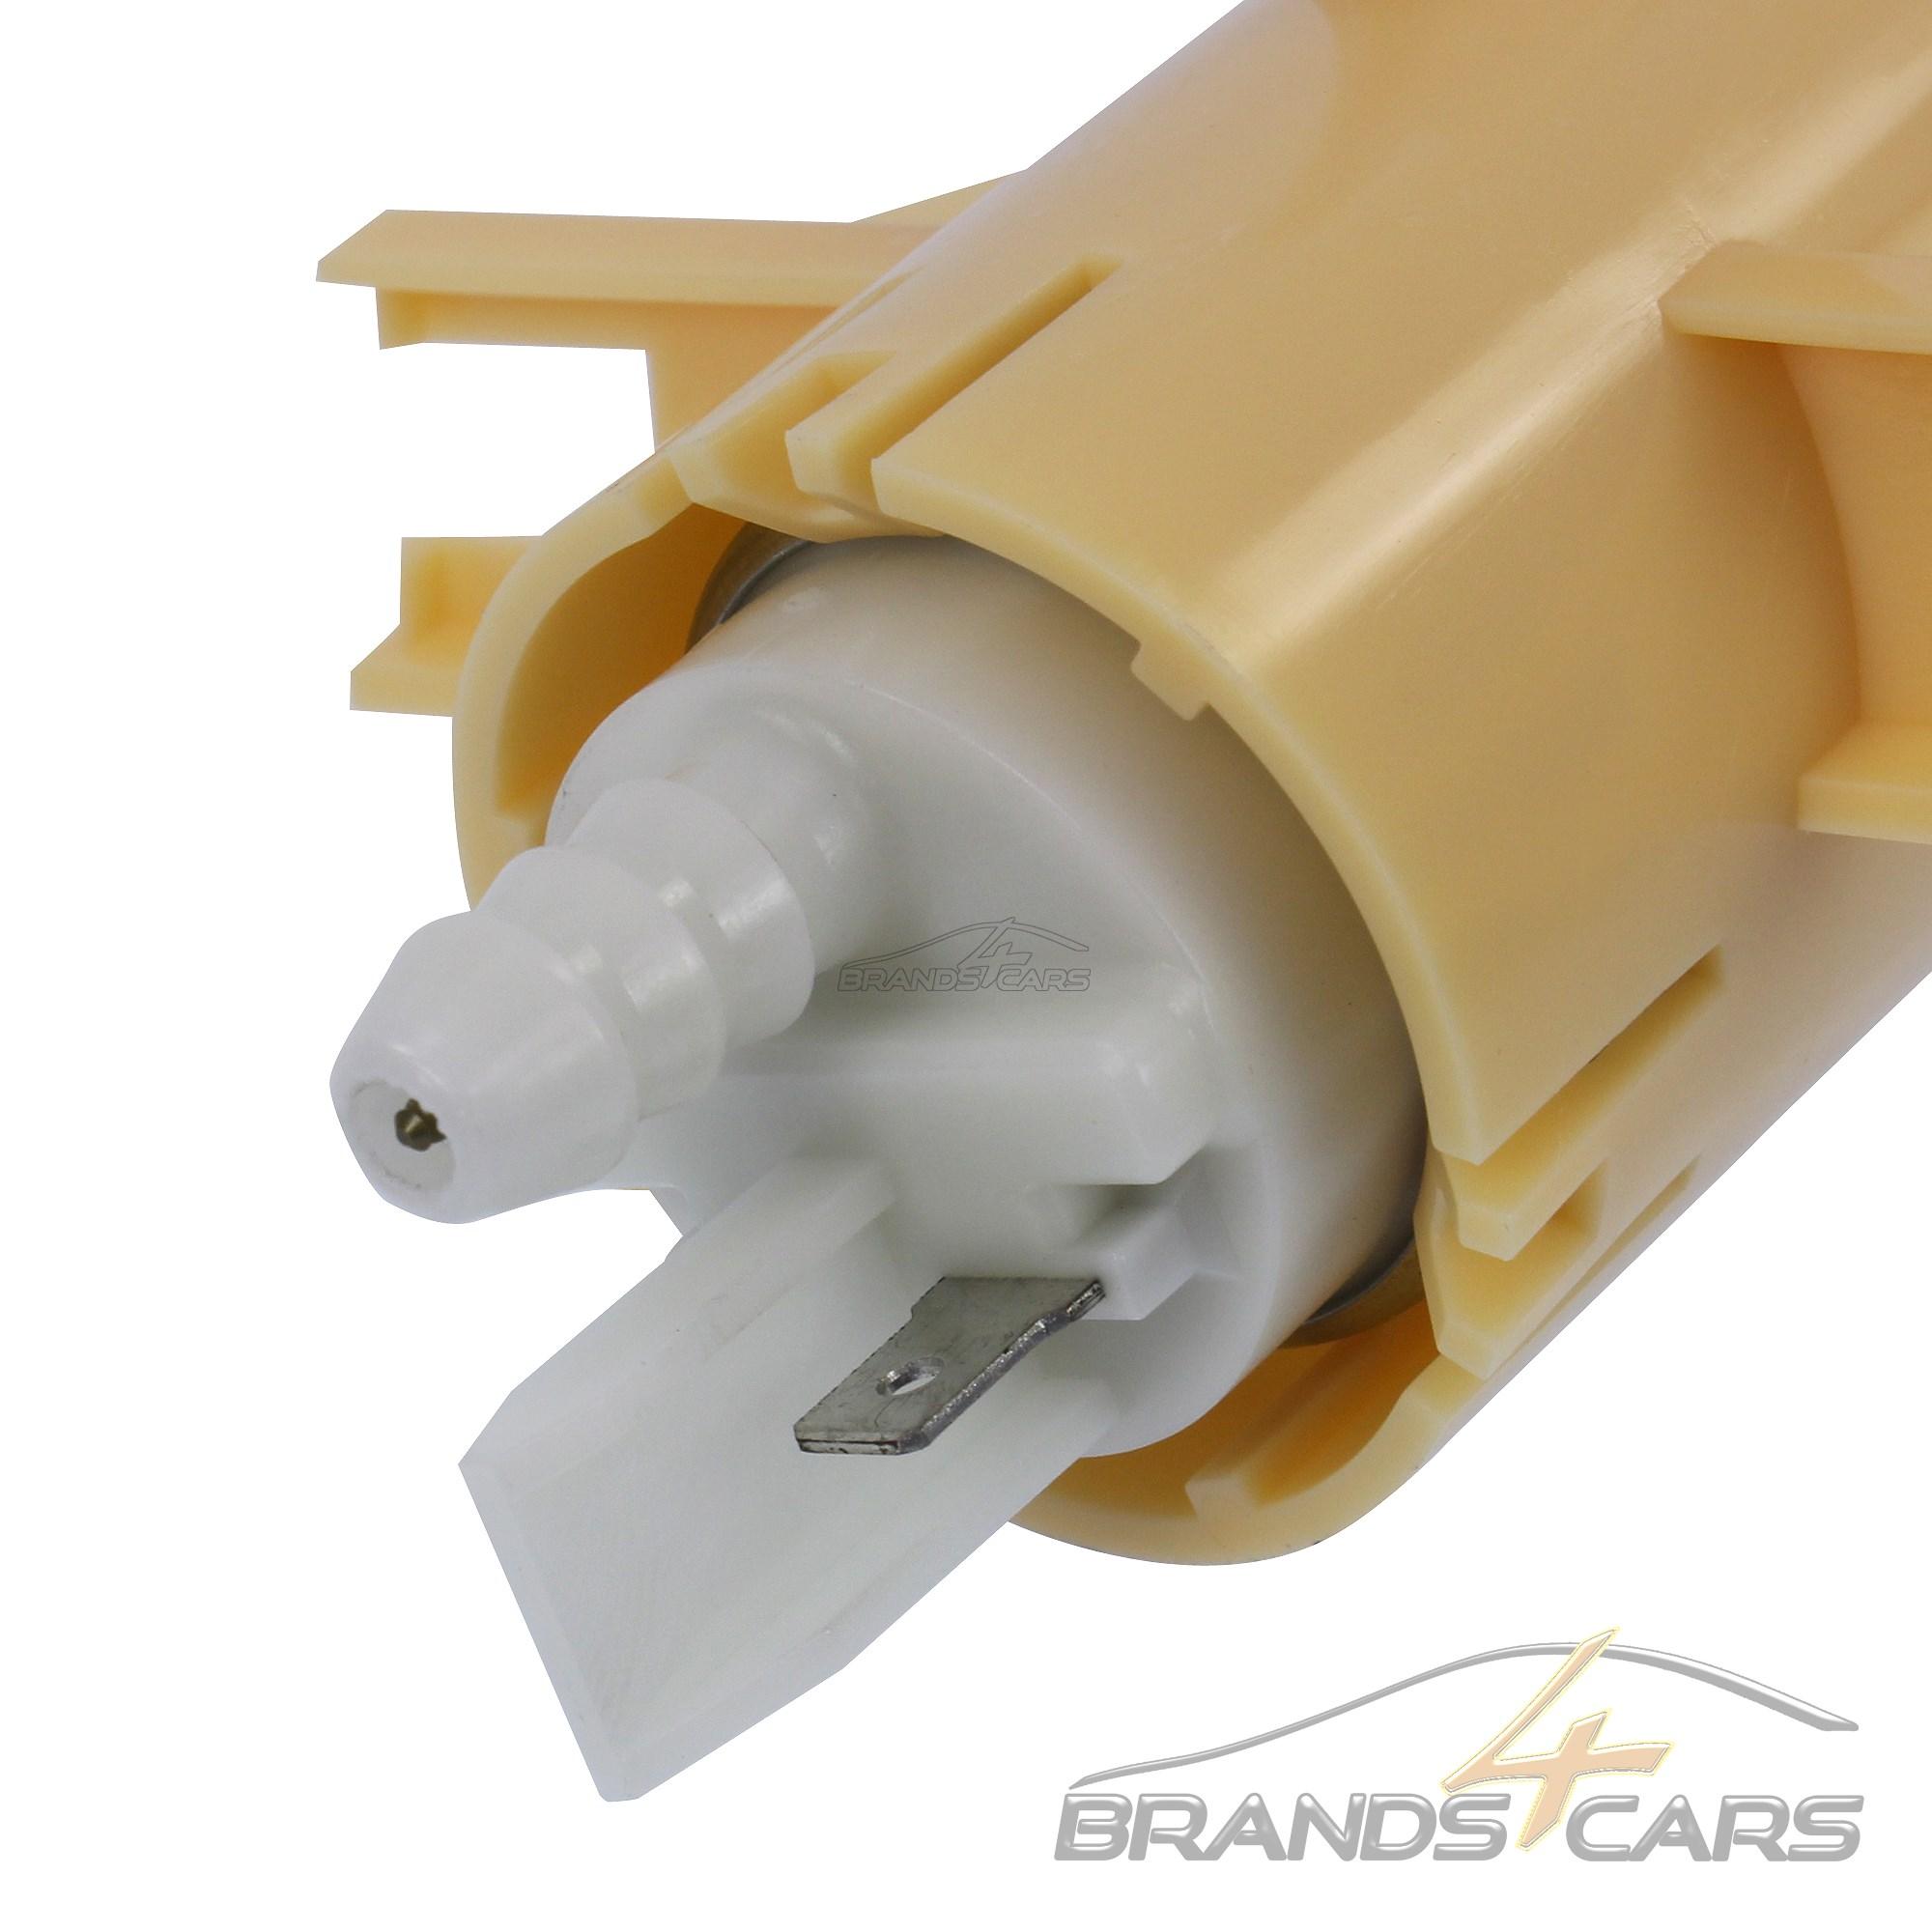 Pierburg Pompa gasolio pompa benzina BMW 3-er e46